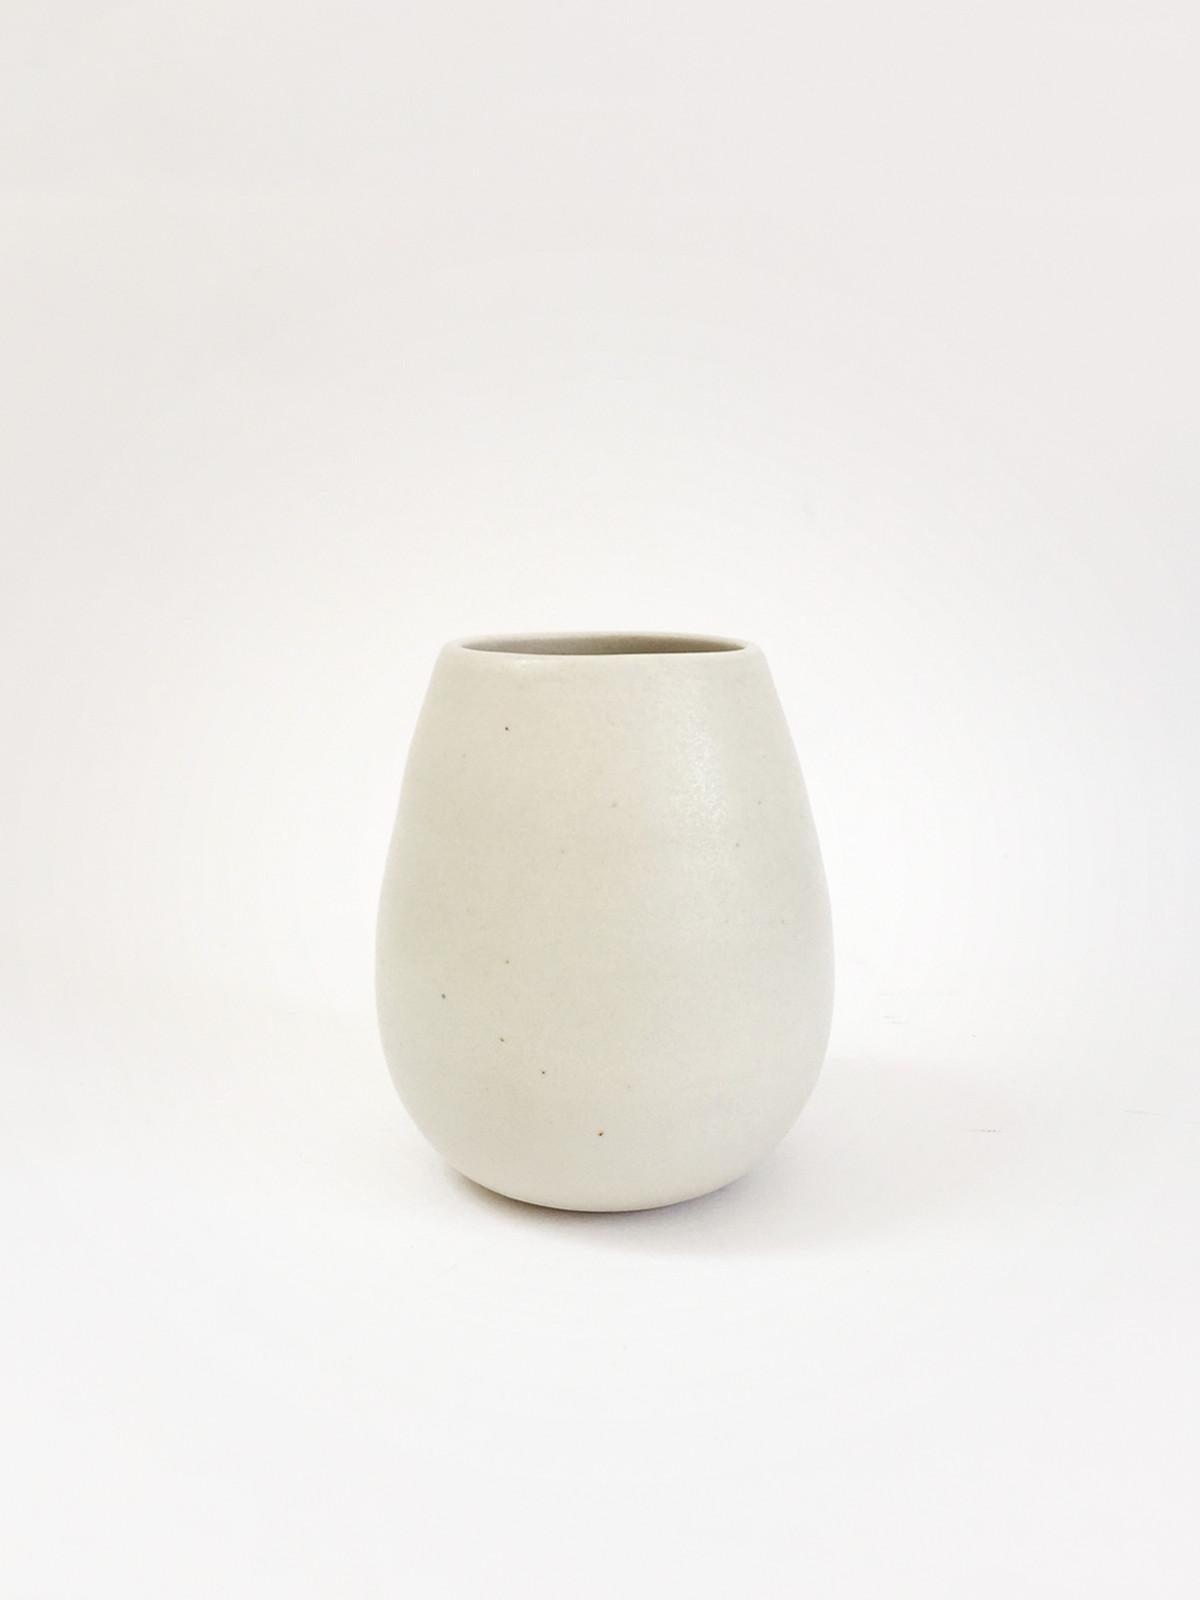 17-vase-mwh-drop-01.jpg